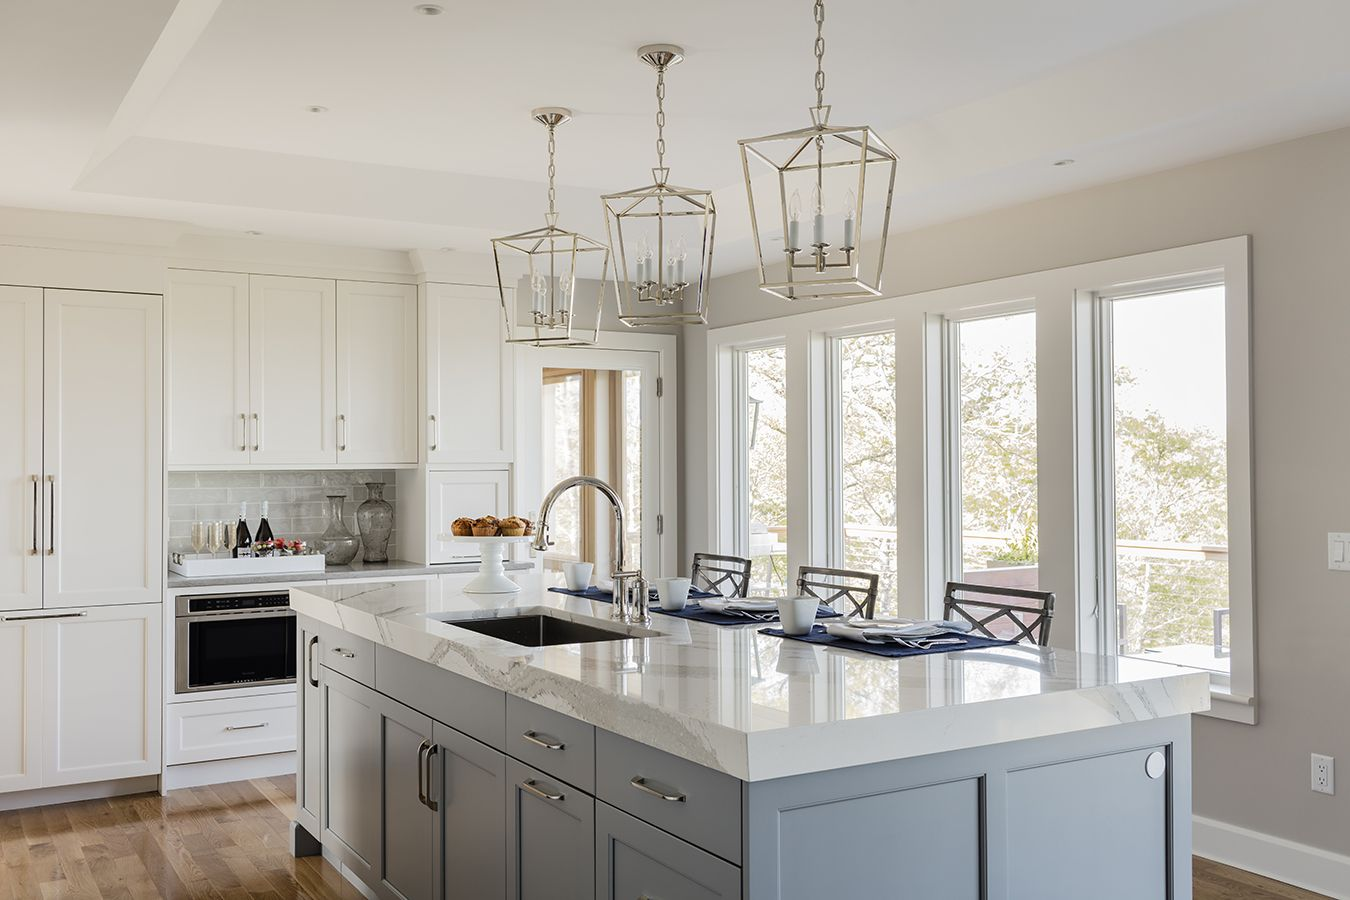 tour boston magazine's design home 2016  kitchen interior